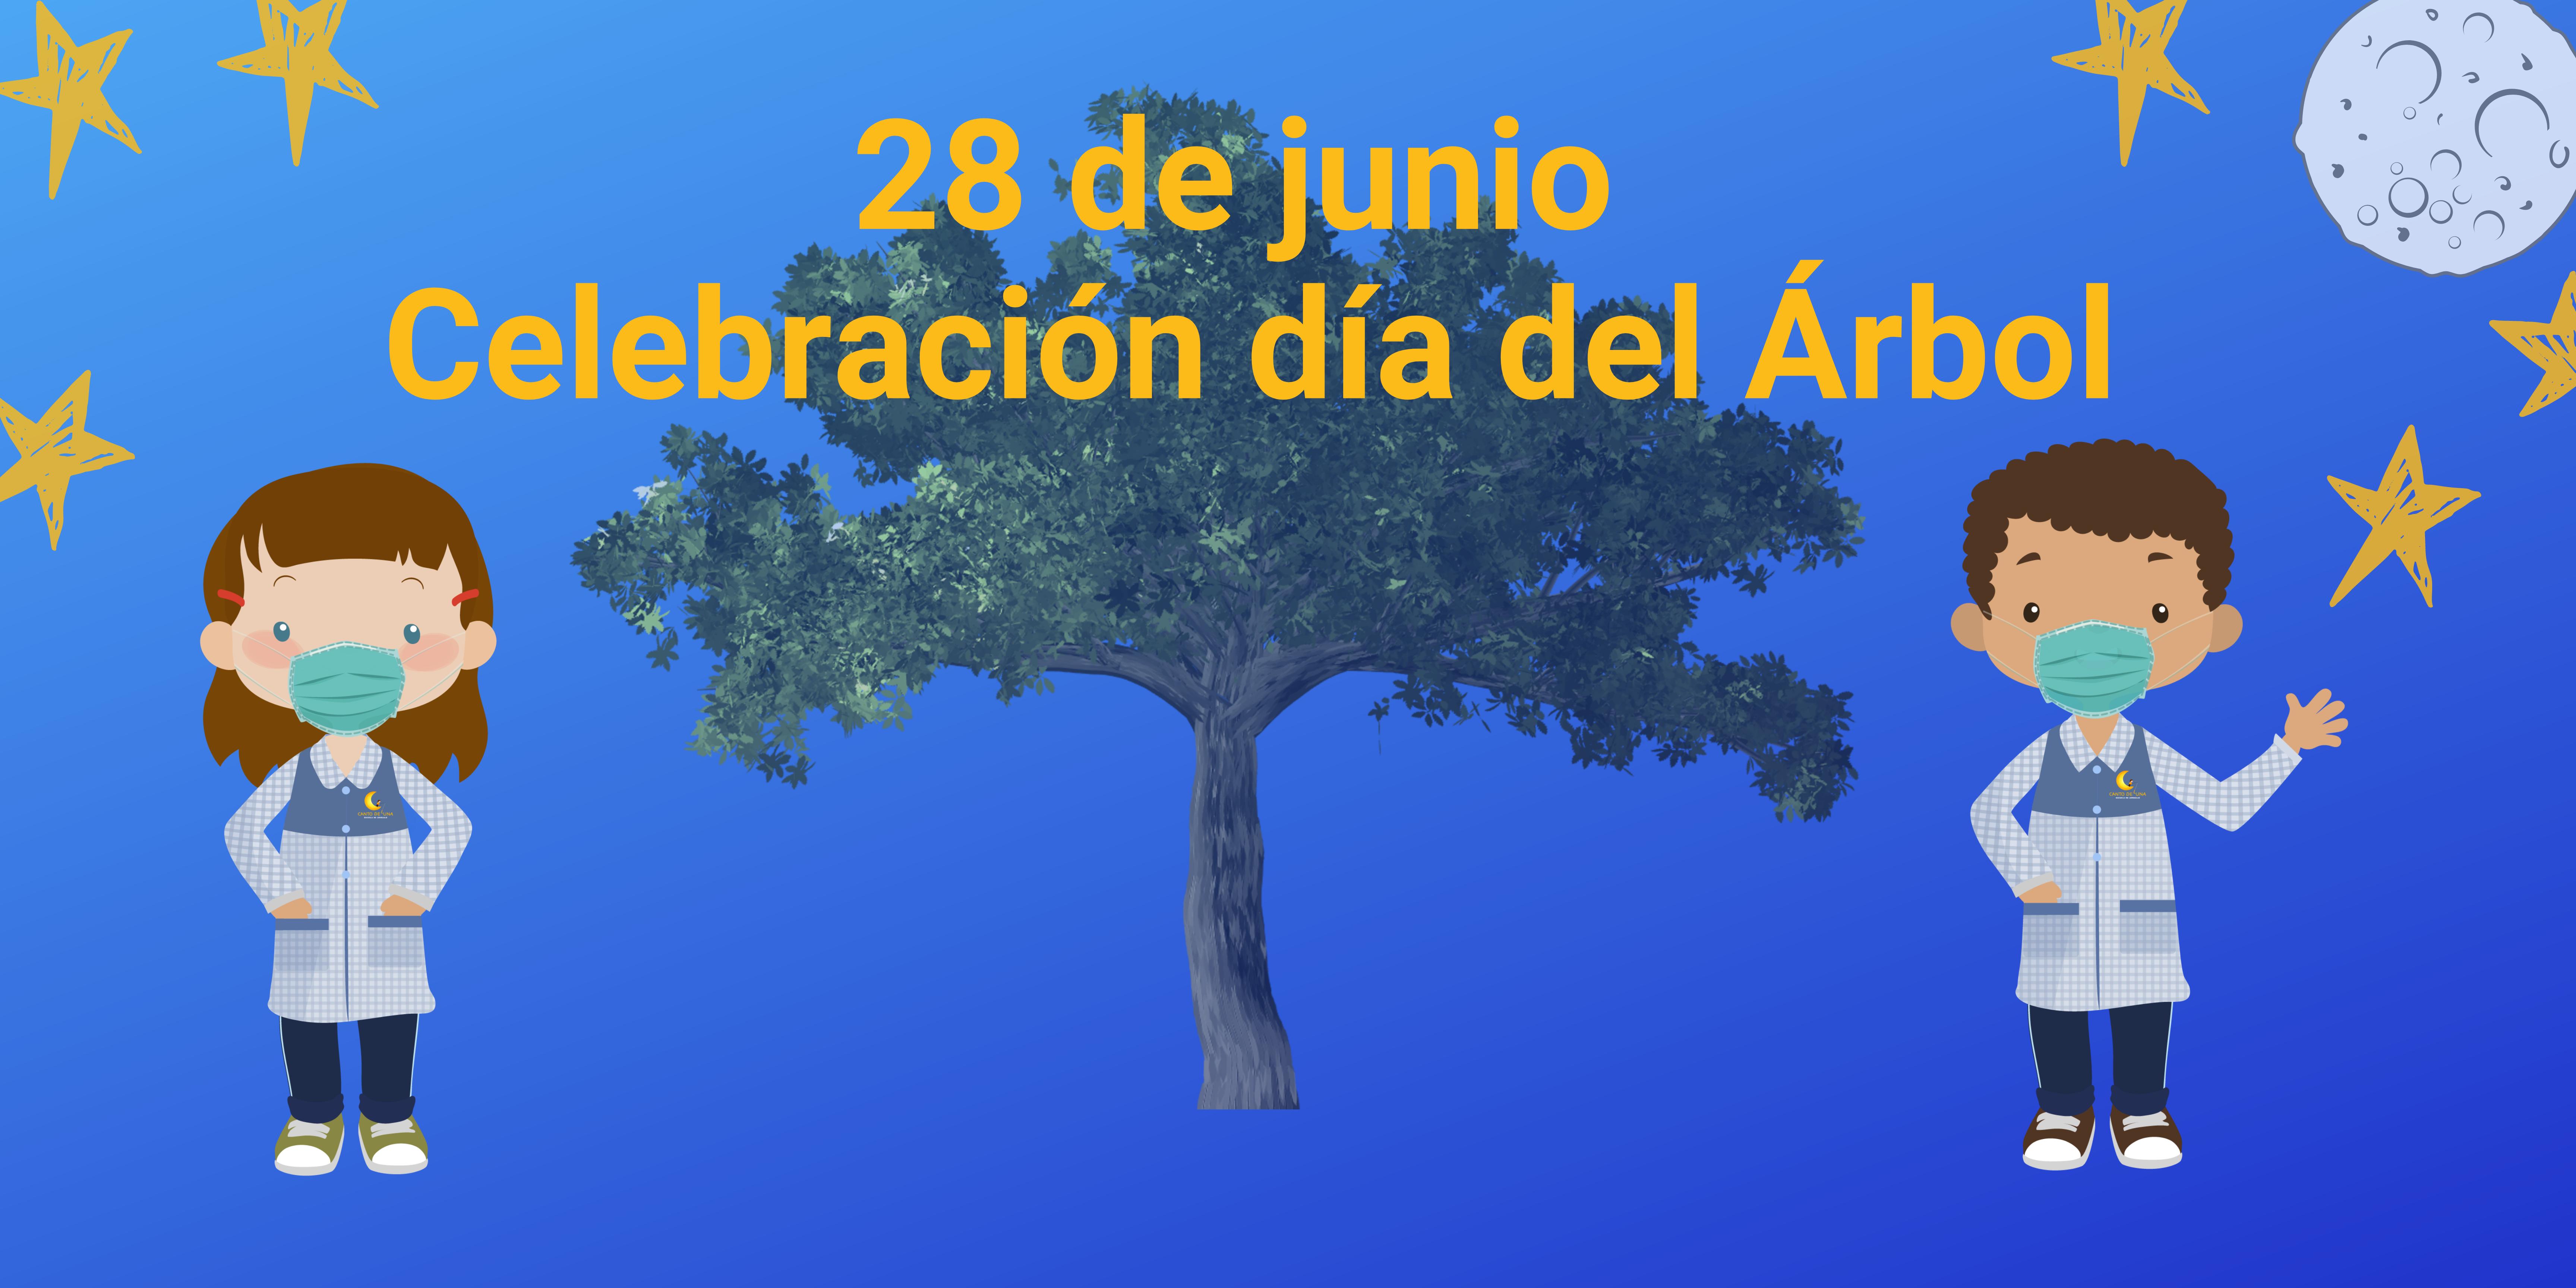 Dia del Arbol